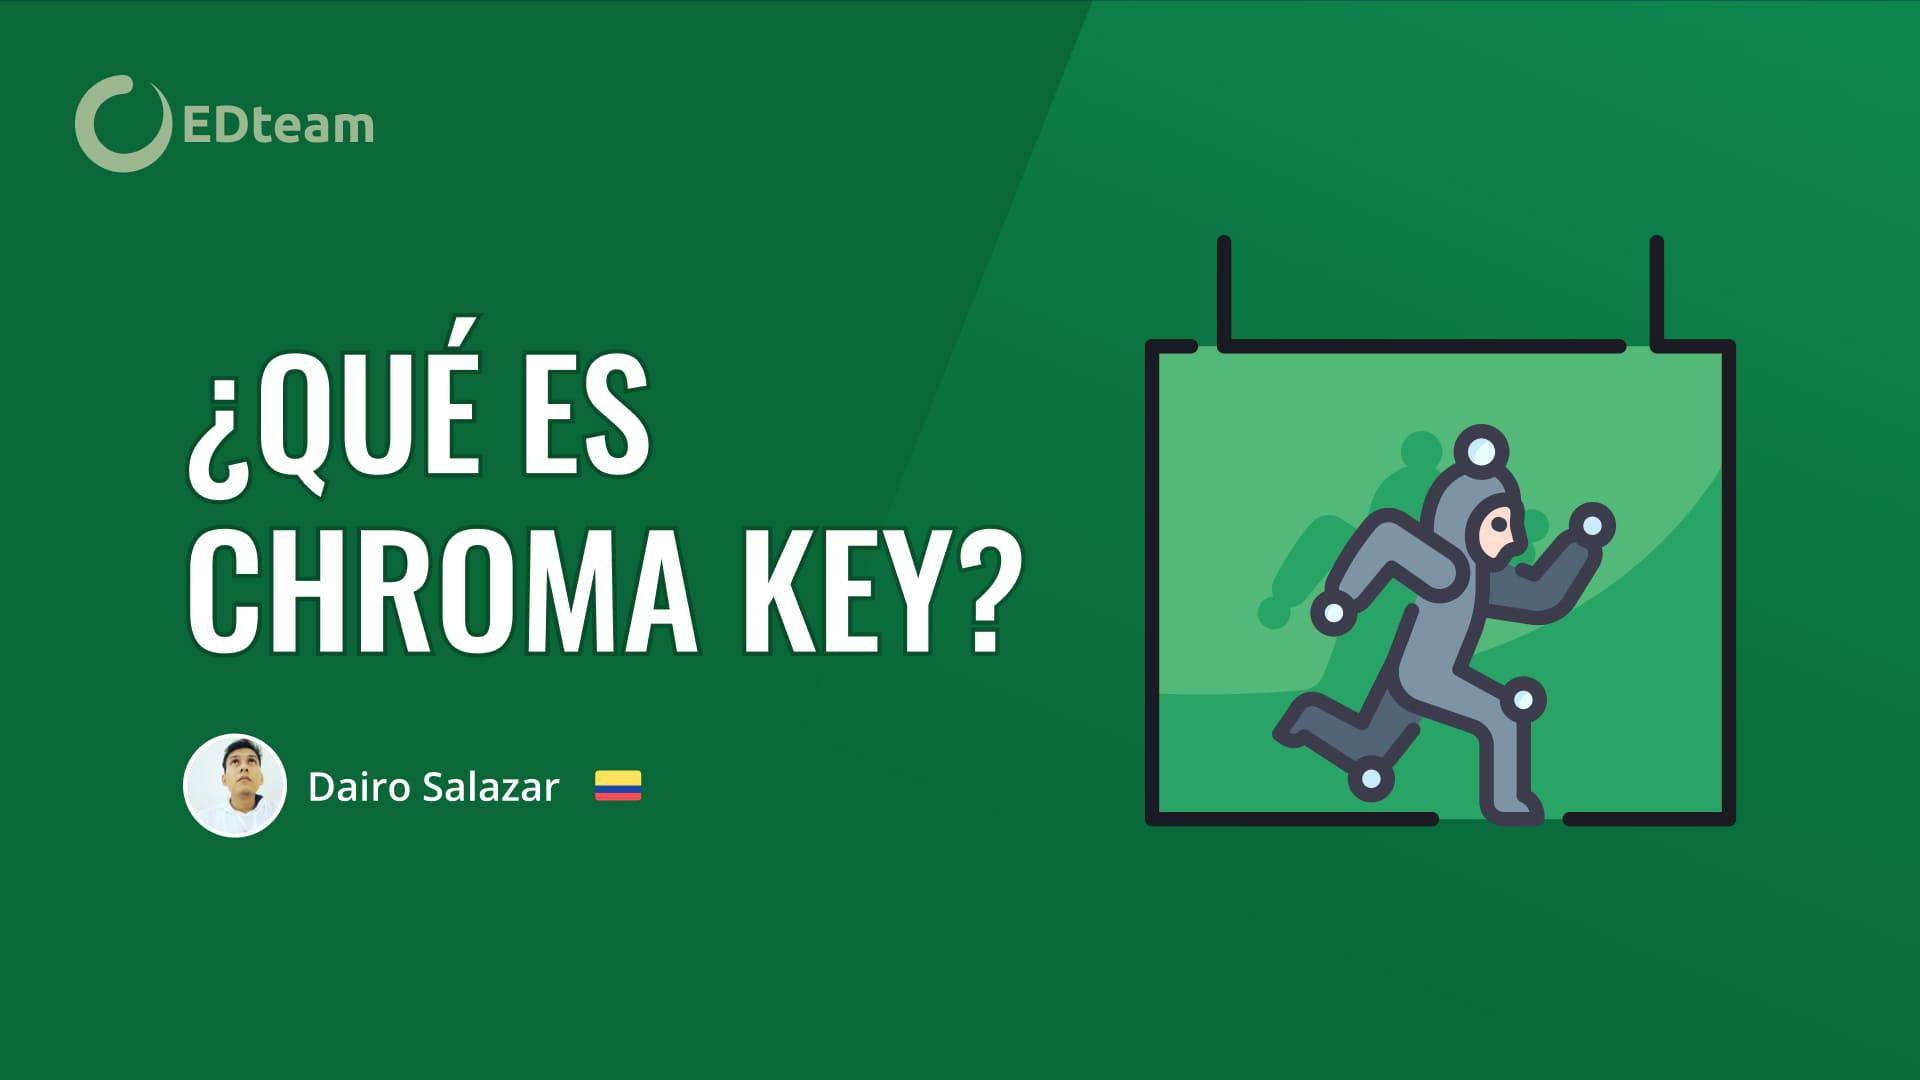 ¿Qué es y cómo se usa el Chroma key?